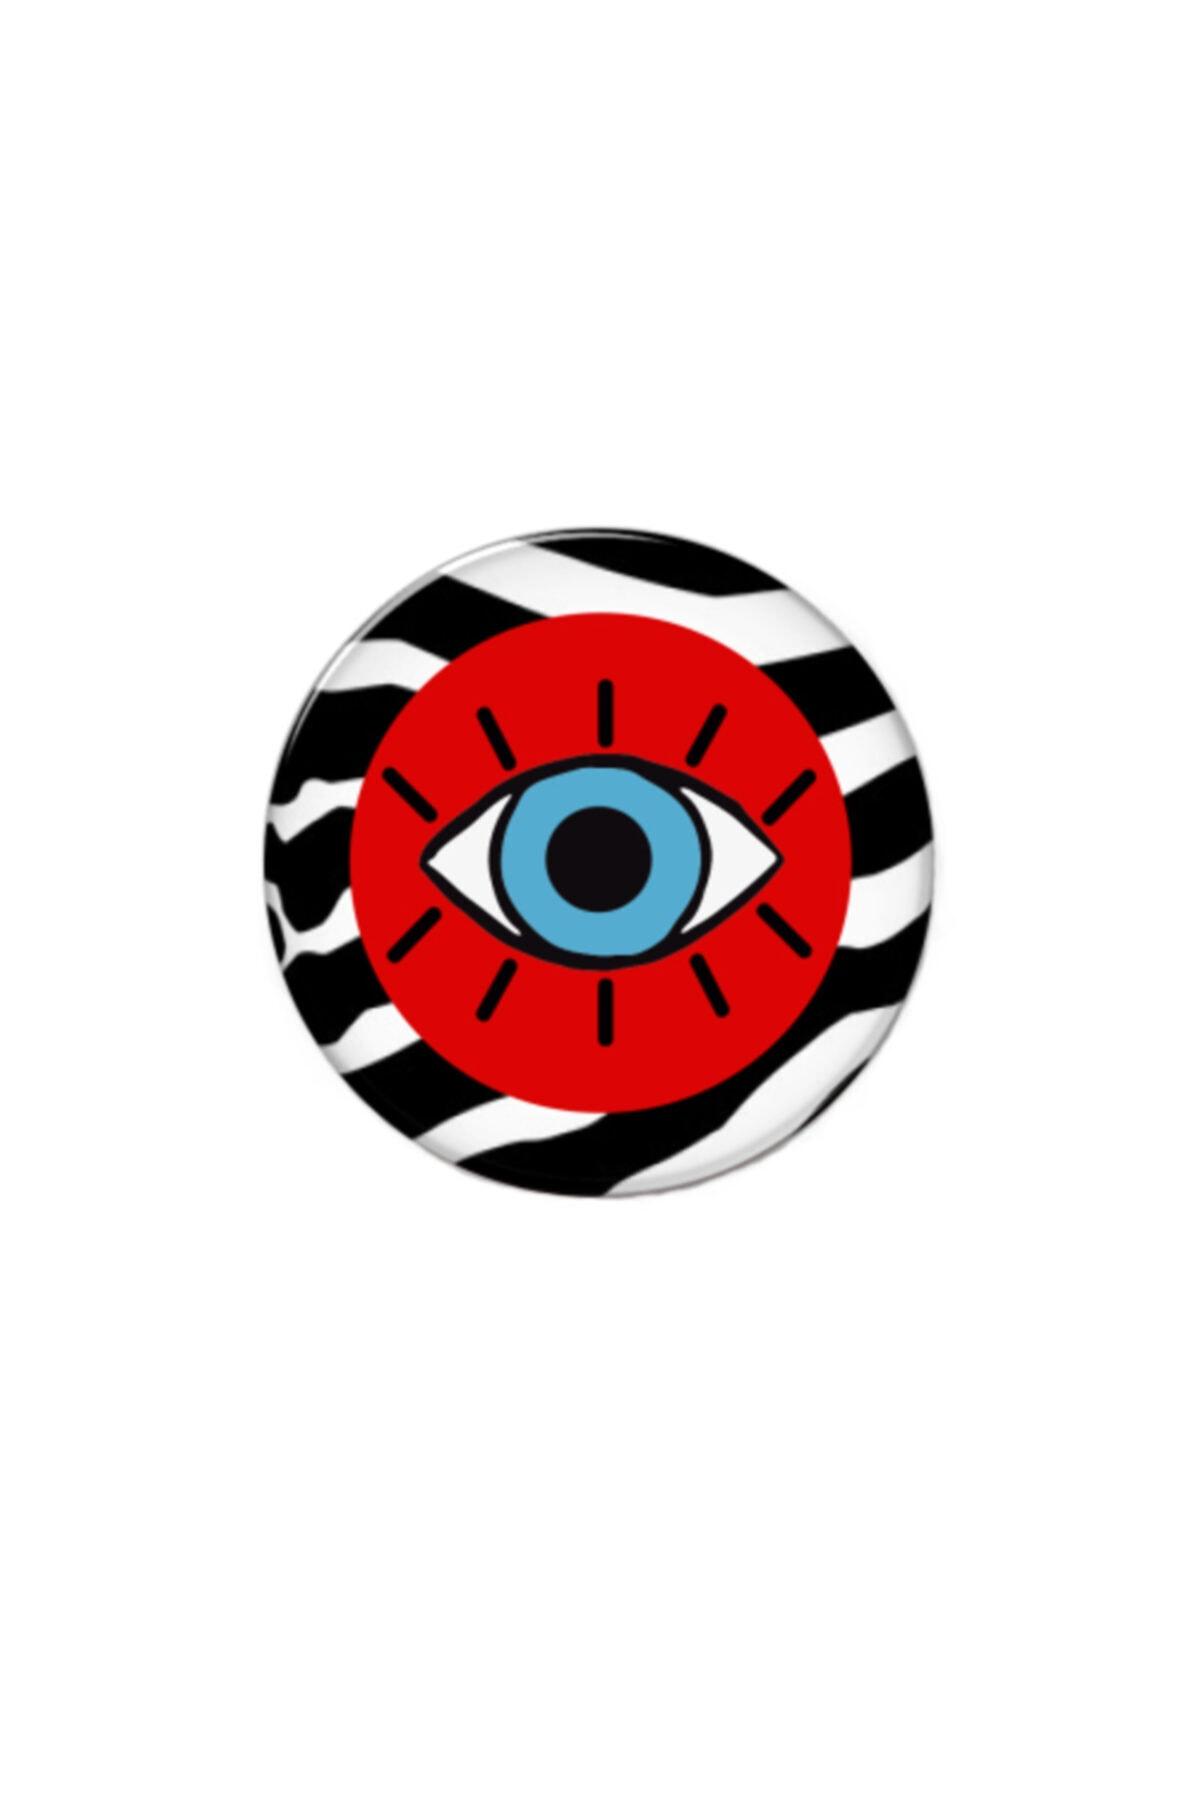 hey lori - Kırmızı Zebra Desen Göz Popsocket 2